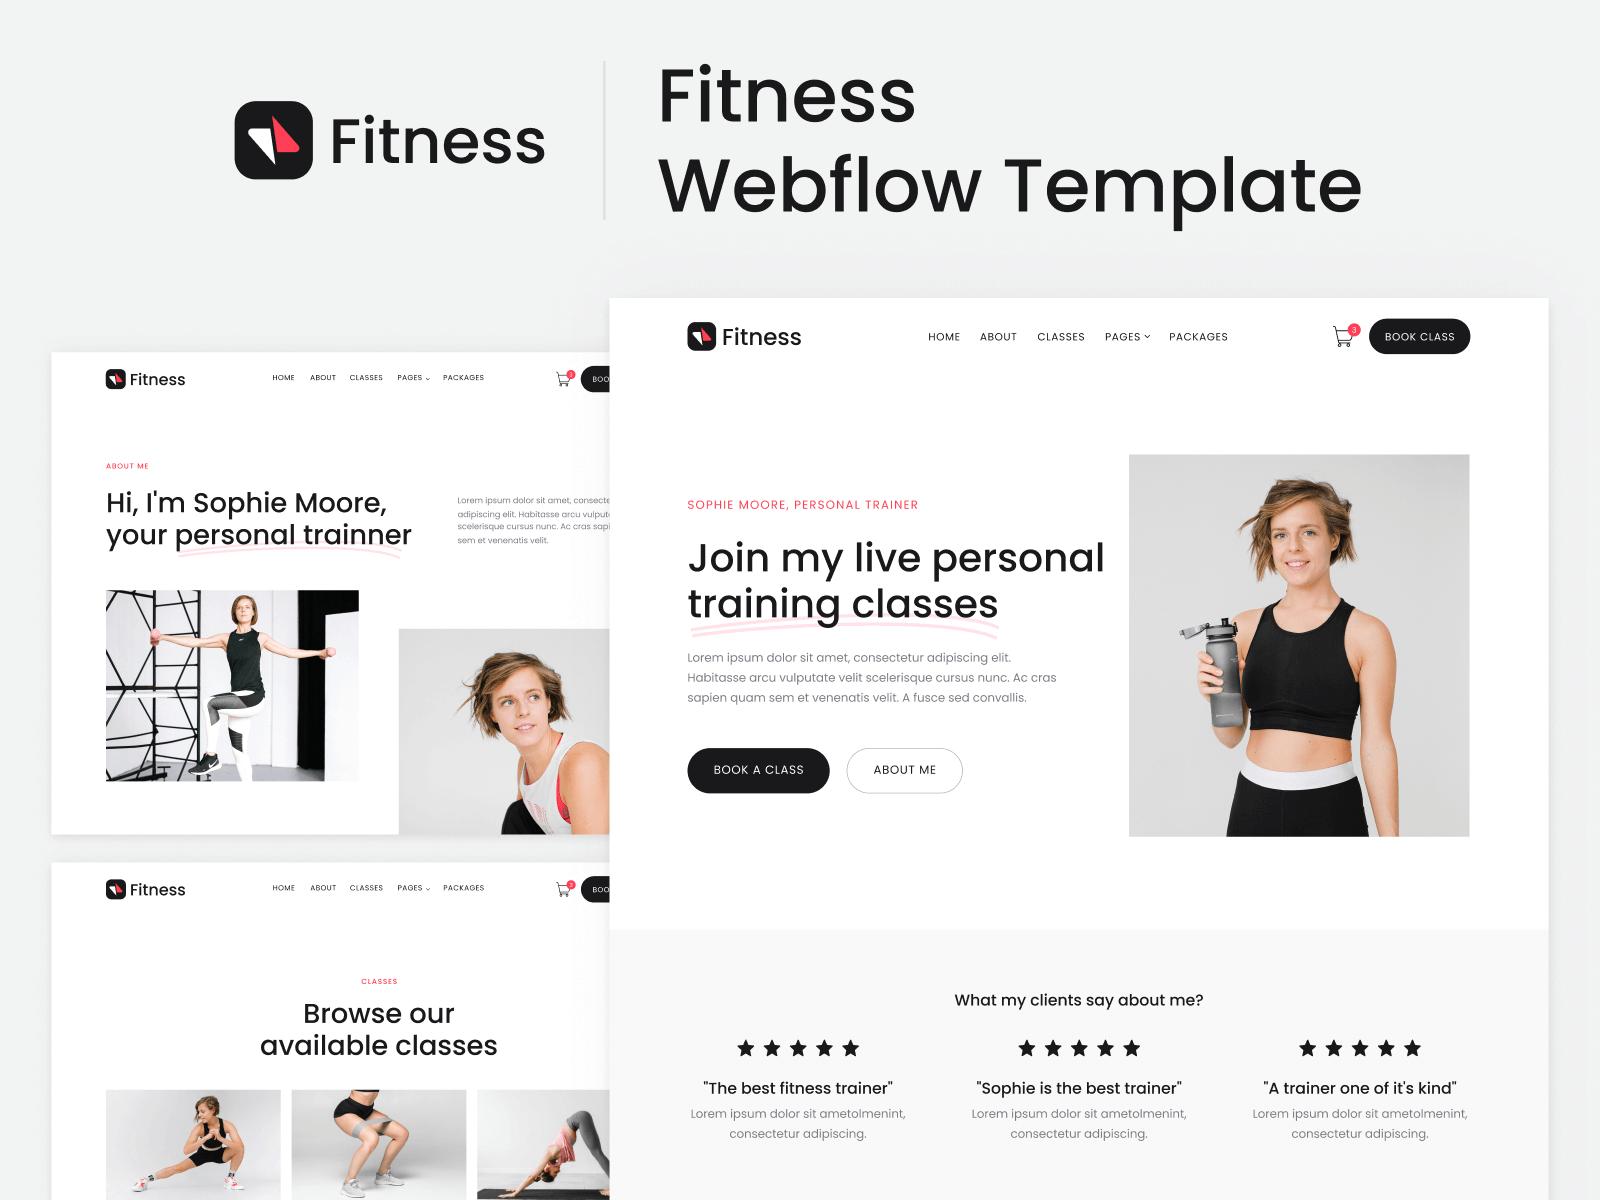 Fitness Webflow Template